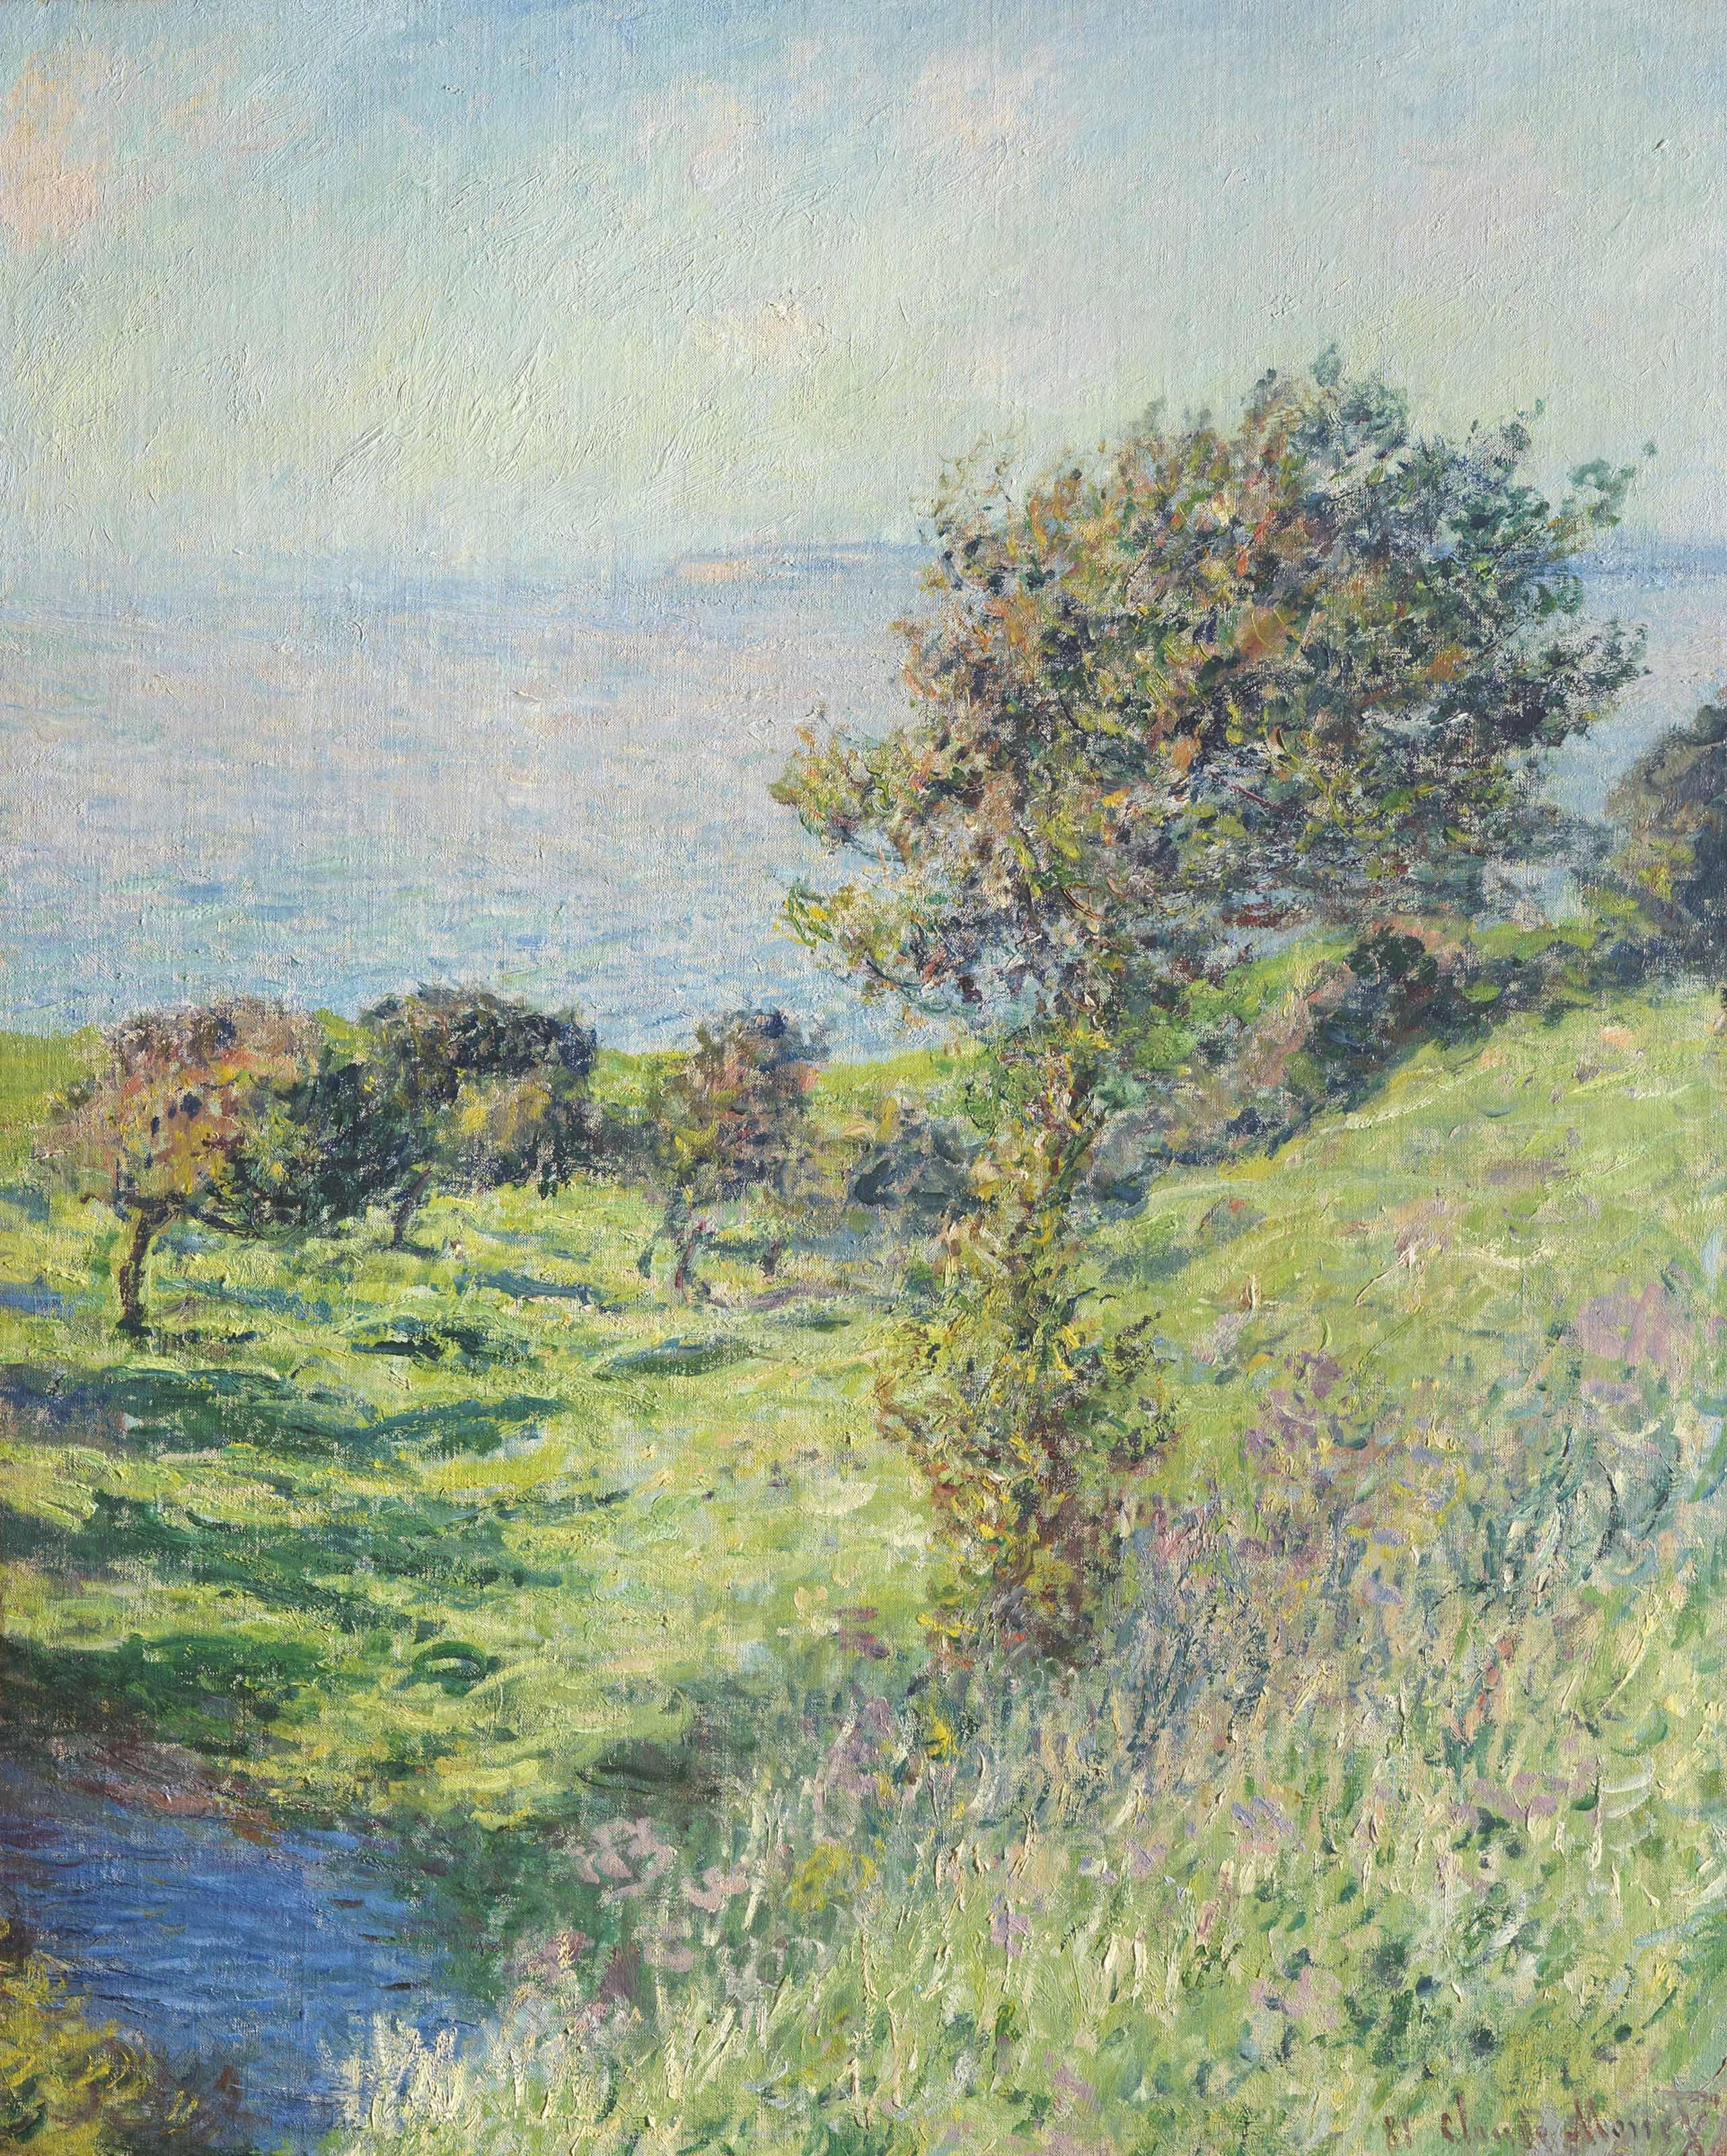 Claude Monet (1840-1926) | Coup de vent | 19th Century, late 19th Century |  Christie's | Пейзажи, Импрессионизм, Живопись